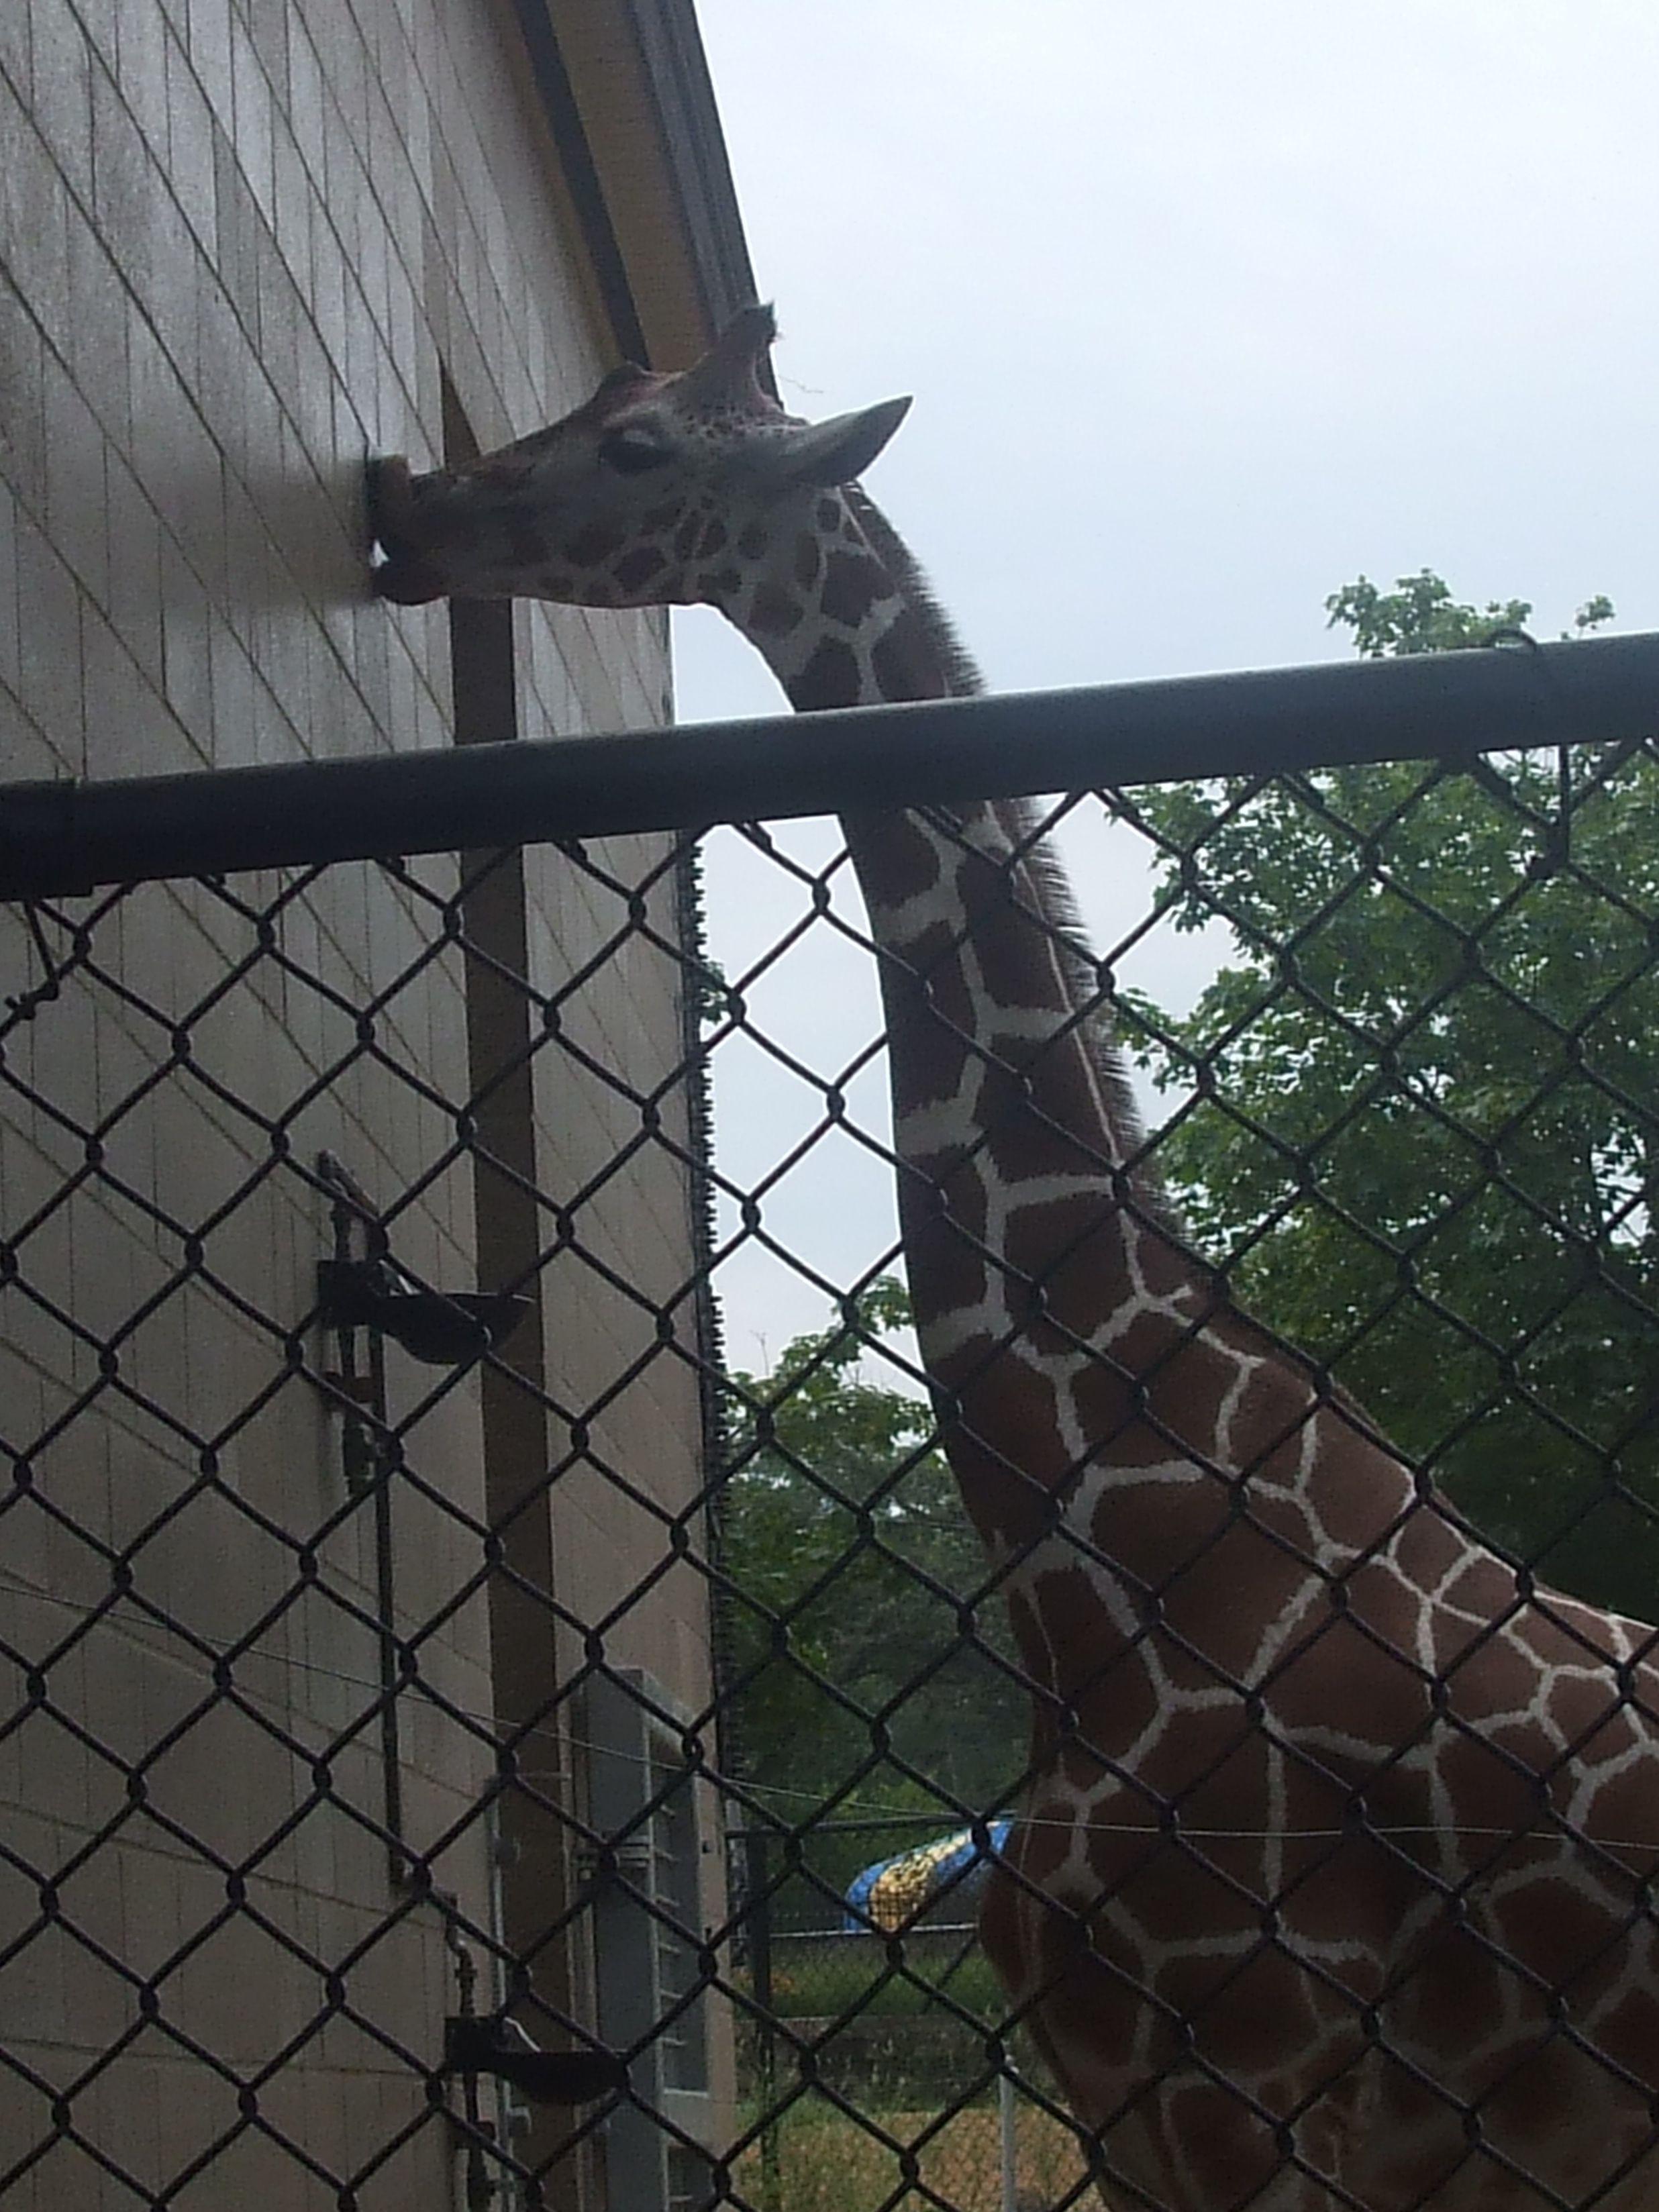 giraffe at Como Zoo